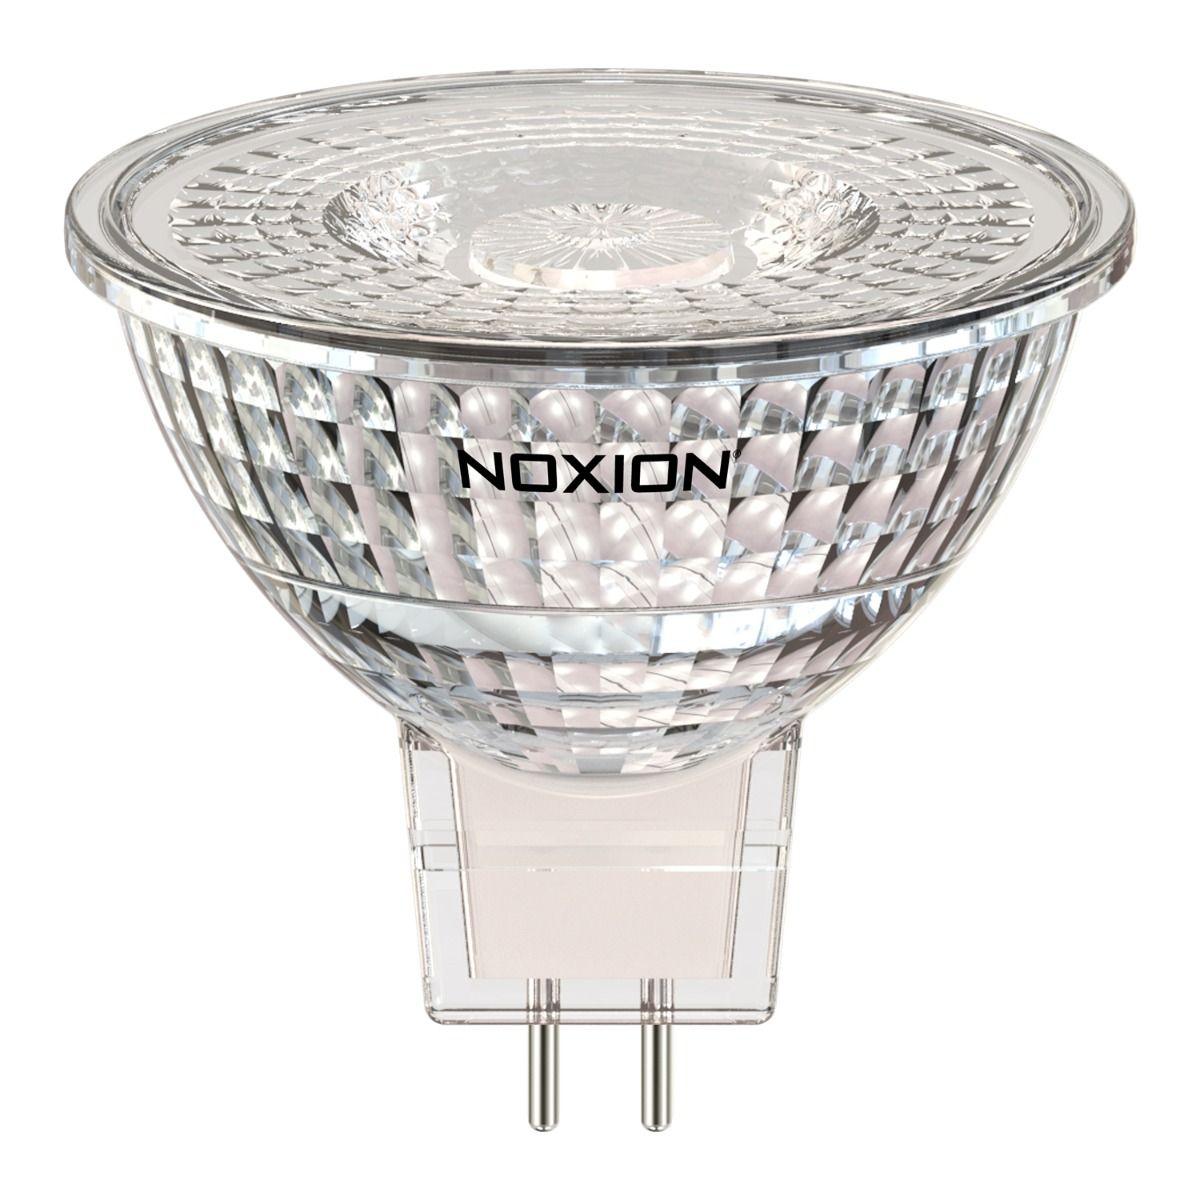 Spot Noxion LED GU5.3 840 Blanc froid | Dimmable | 60D 270lm | 5W Équivalent 35W